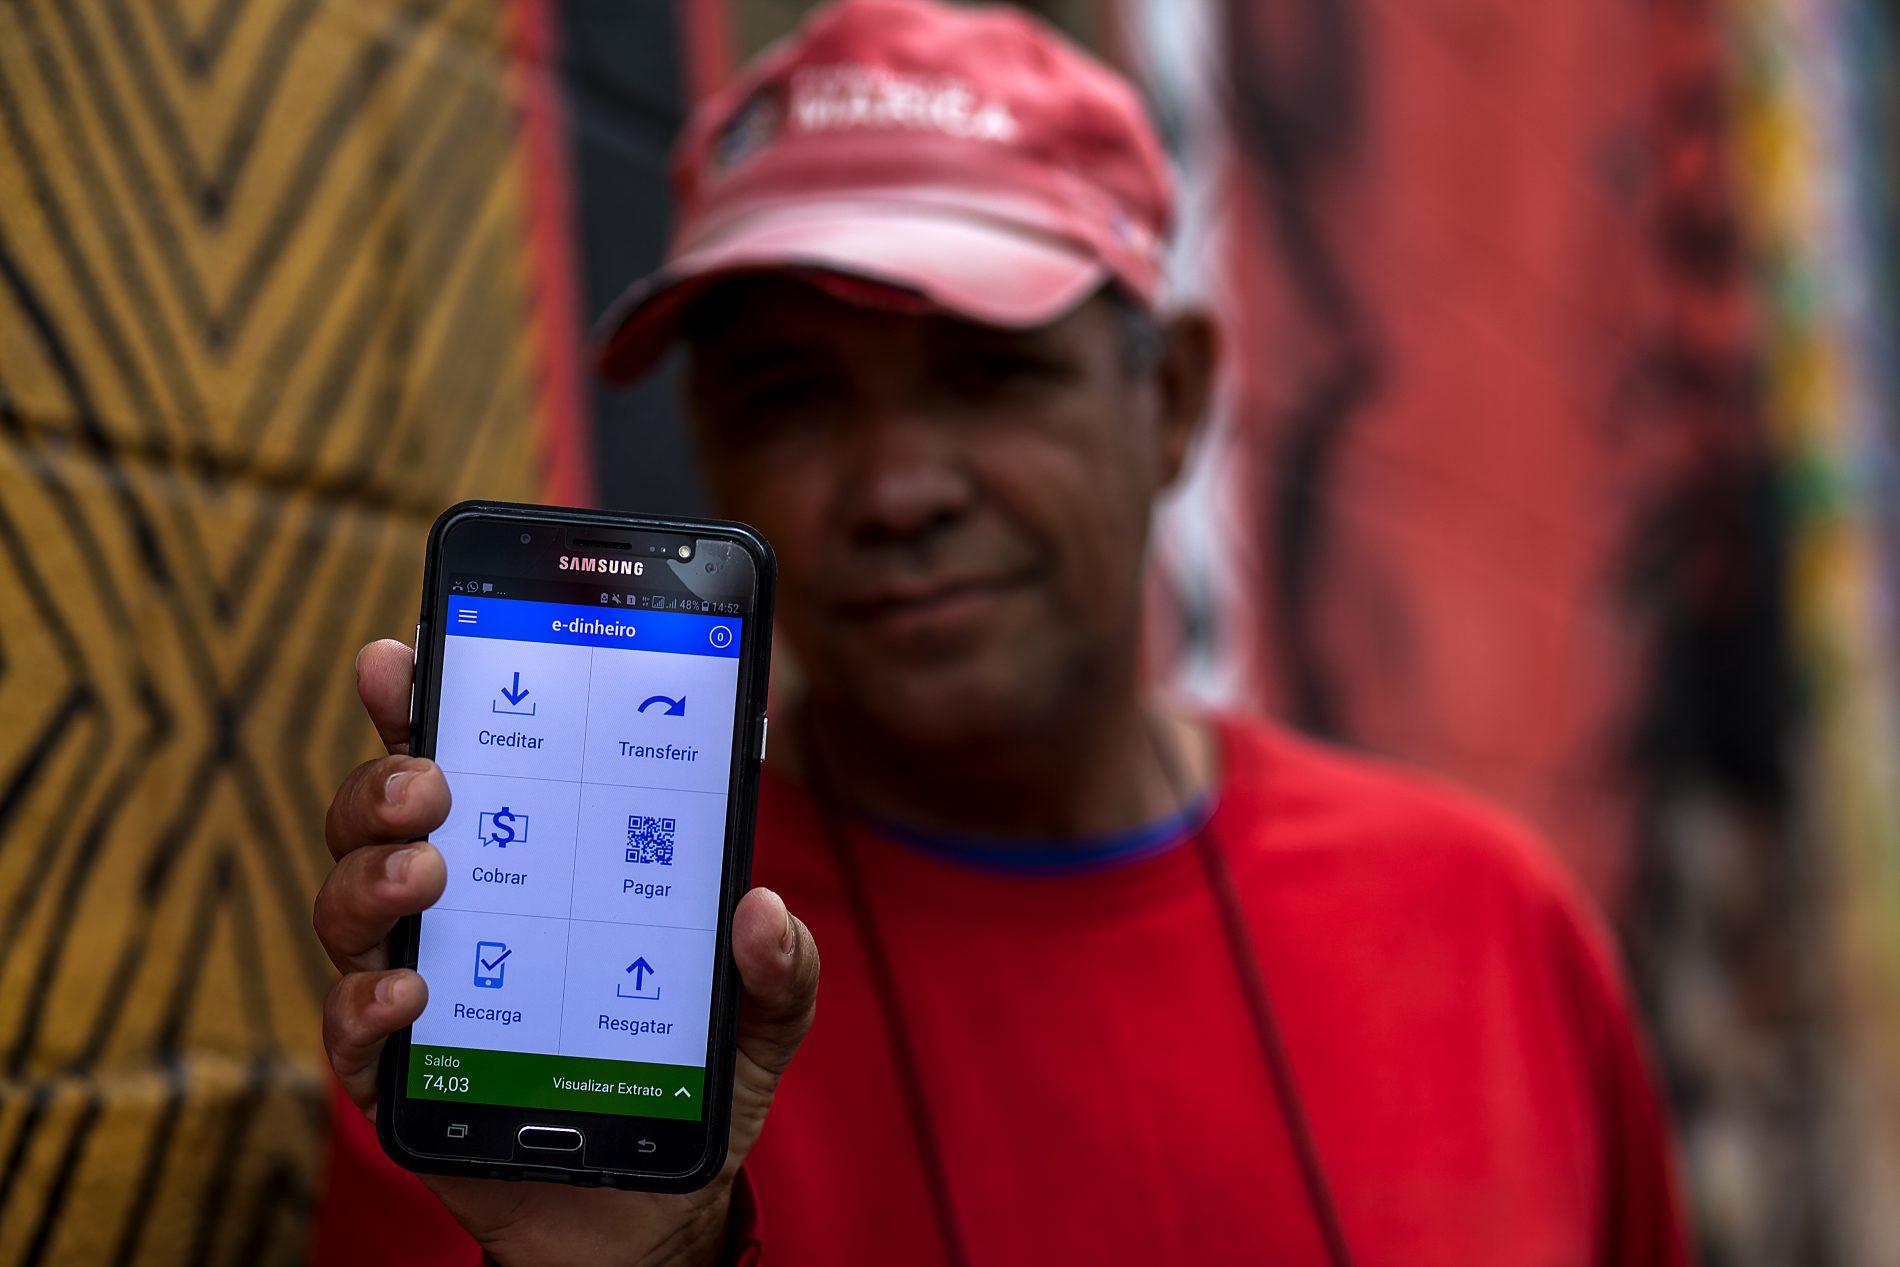 E-dinheiro, moeda social eletronica. Foto de Gustavo Stephan